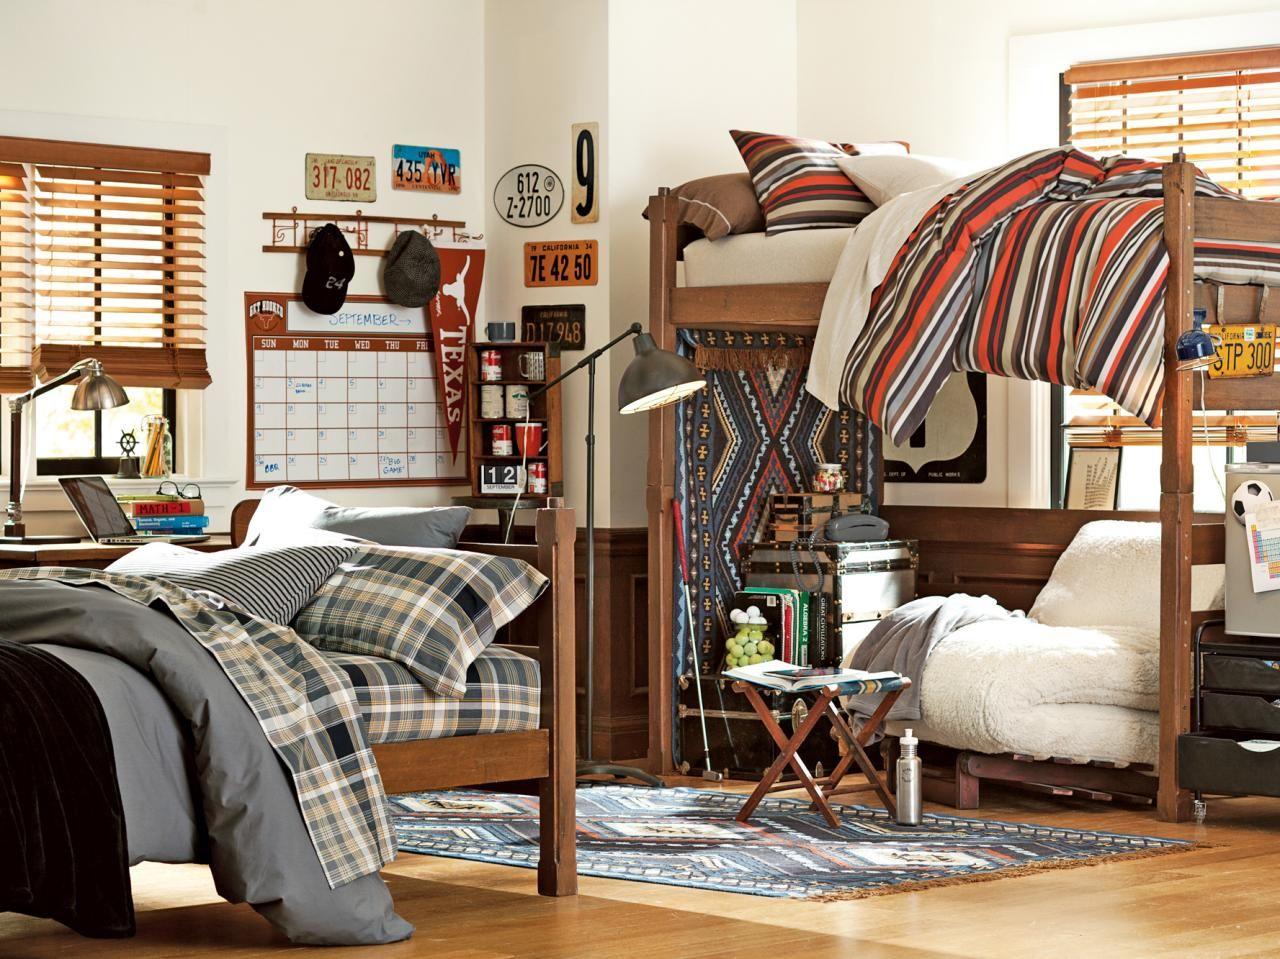 Dorm Room Decorating Ideas Amp Decor Essentials